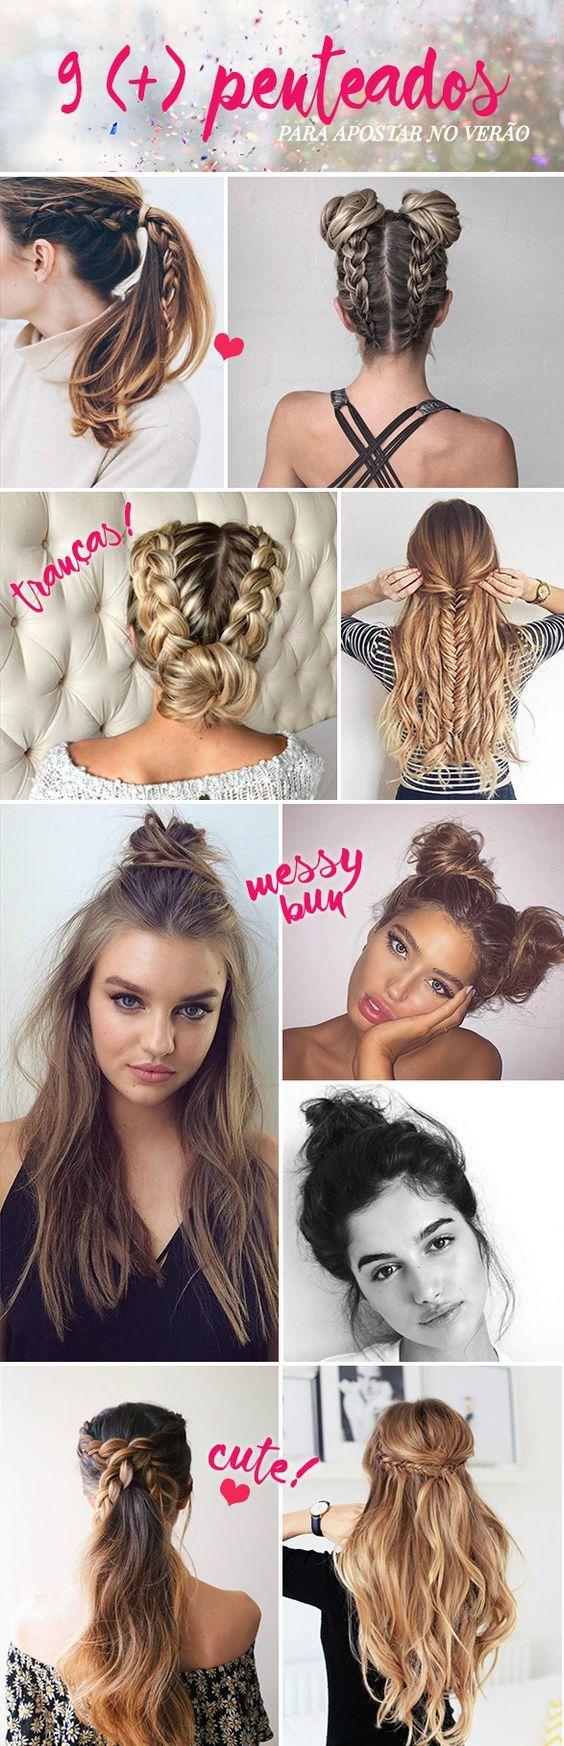 penteados para apostar no verão hair style braid hairstyles